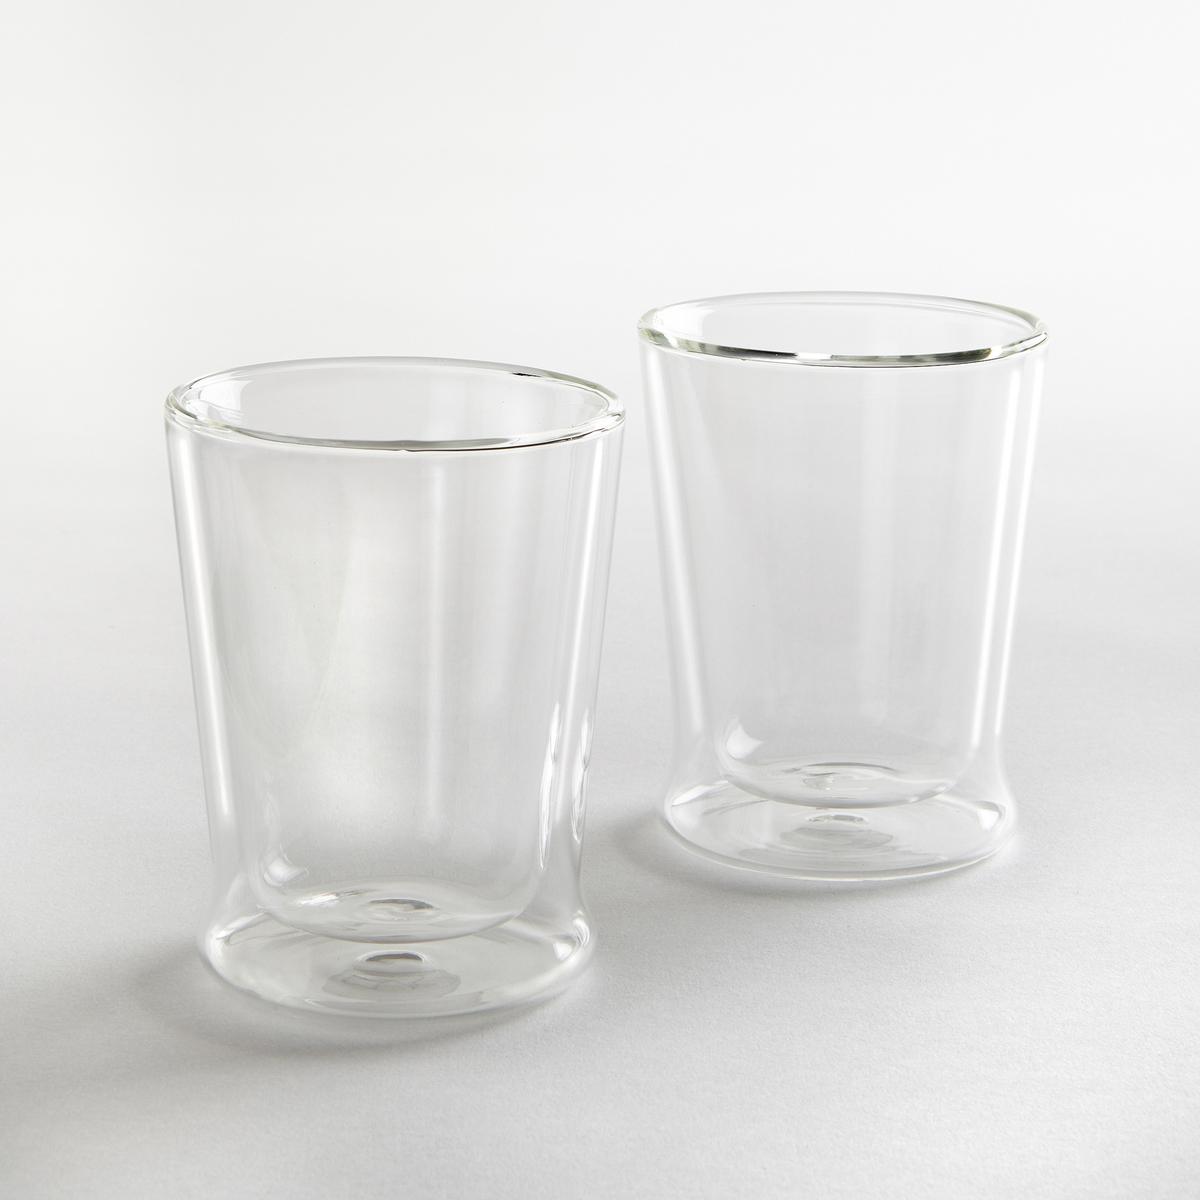 Комплект из 2 стеклянных чашек с двойными стенкамиХарактеристики 2 чашек:- Чашки из прозрачного стекла с двойными стенками.- Диаметр: 8,5 см. - Высота: 10,5 cм. - Подходят для мытья в посудомоечной машине и для использования в микроволновой печи.- В комплекте 2 чашки.<br><br>Цвет: прозрачный